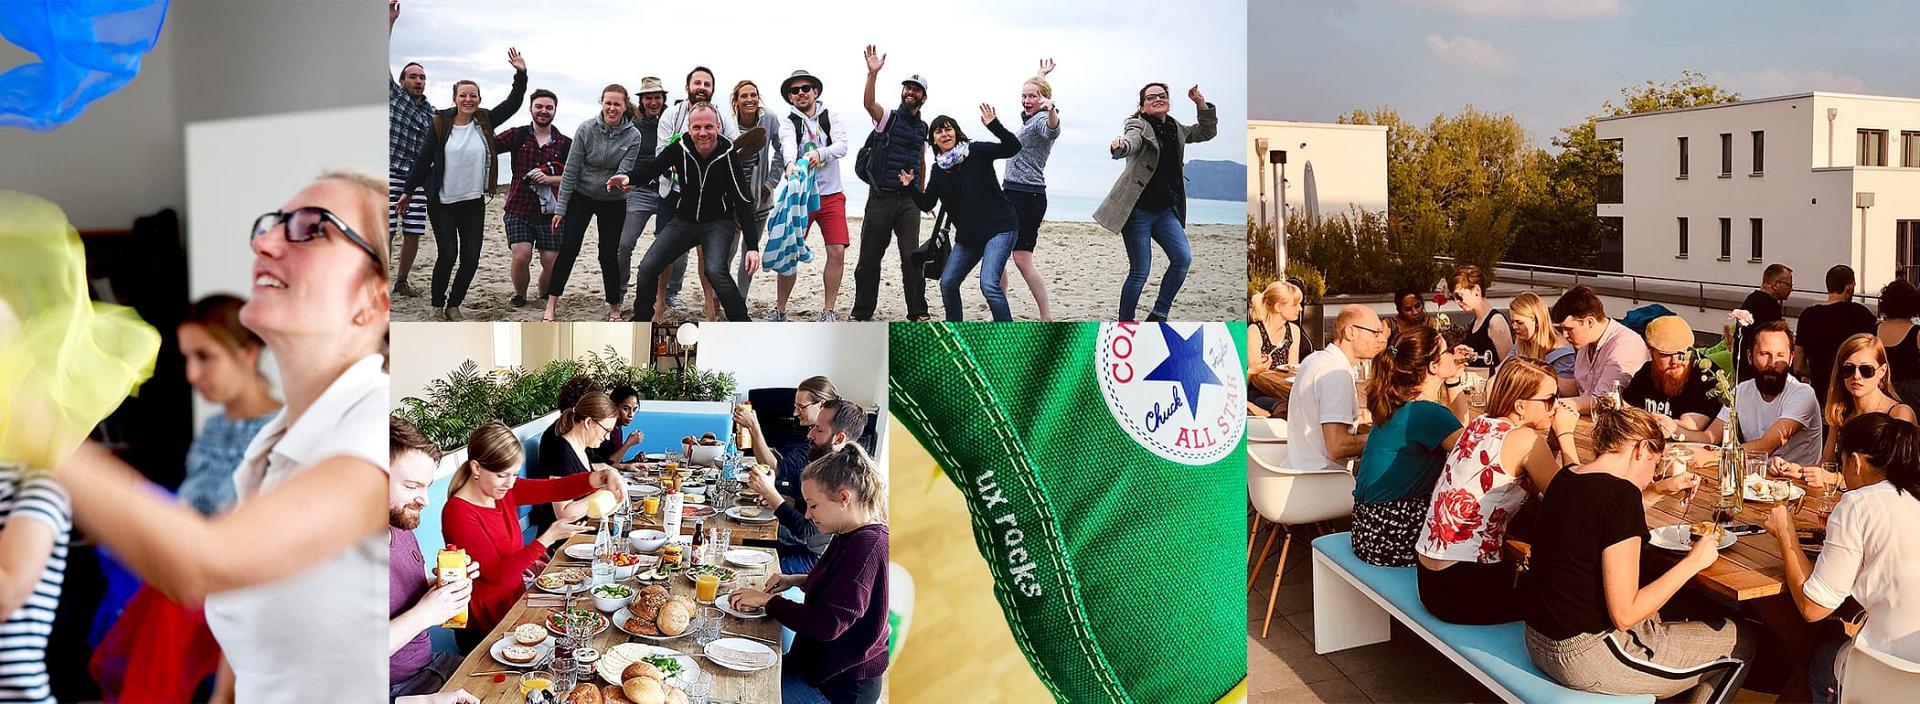 Collage aus Bildern mit Menschen, die am Strand die Zeit genießen und mit Tüchern jonglieren. Außerdem ein Schuh, auf dem 'ux rocks' eingestickt ist.